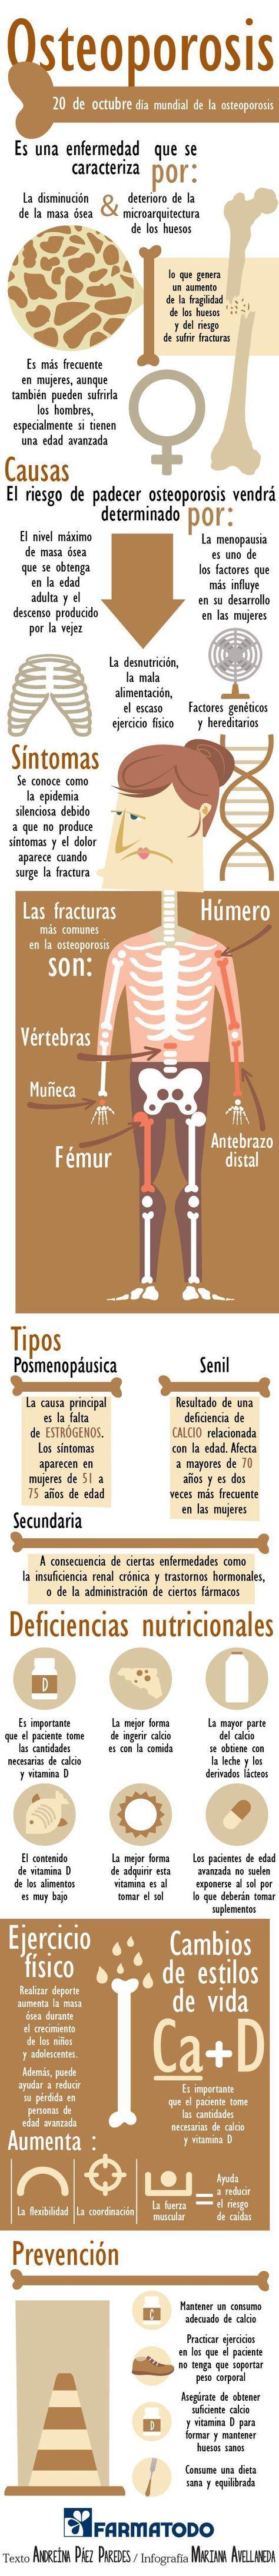 Conocer una enfermedad nos permite saber cómo evitarla o tratarla. Aquí te compartimos detalles sobre la Osteoporosis.